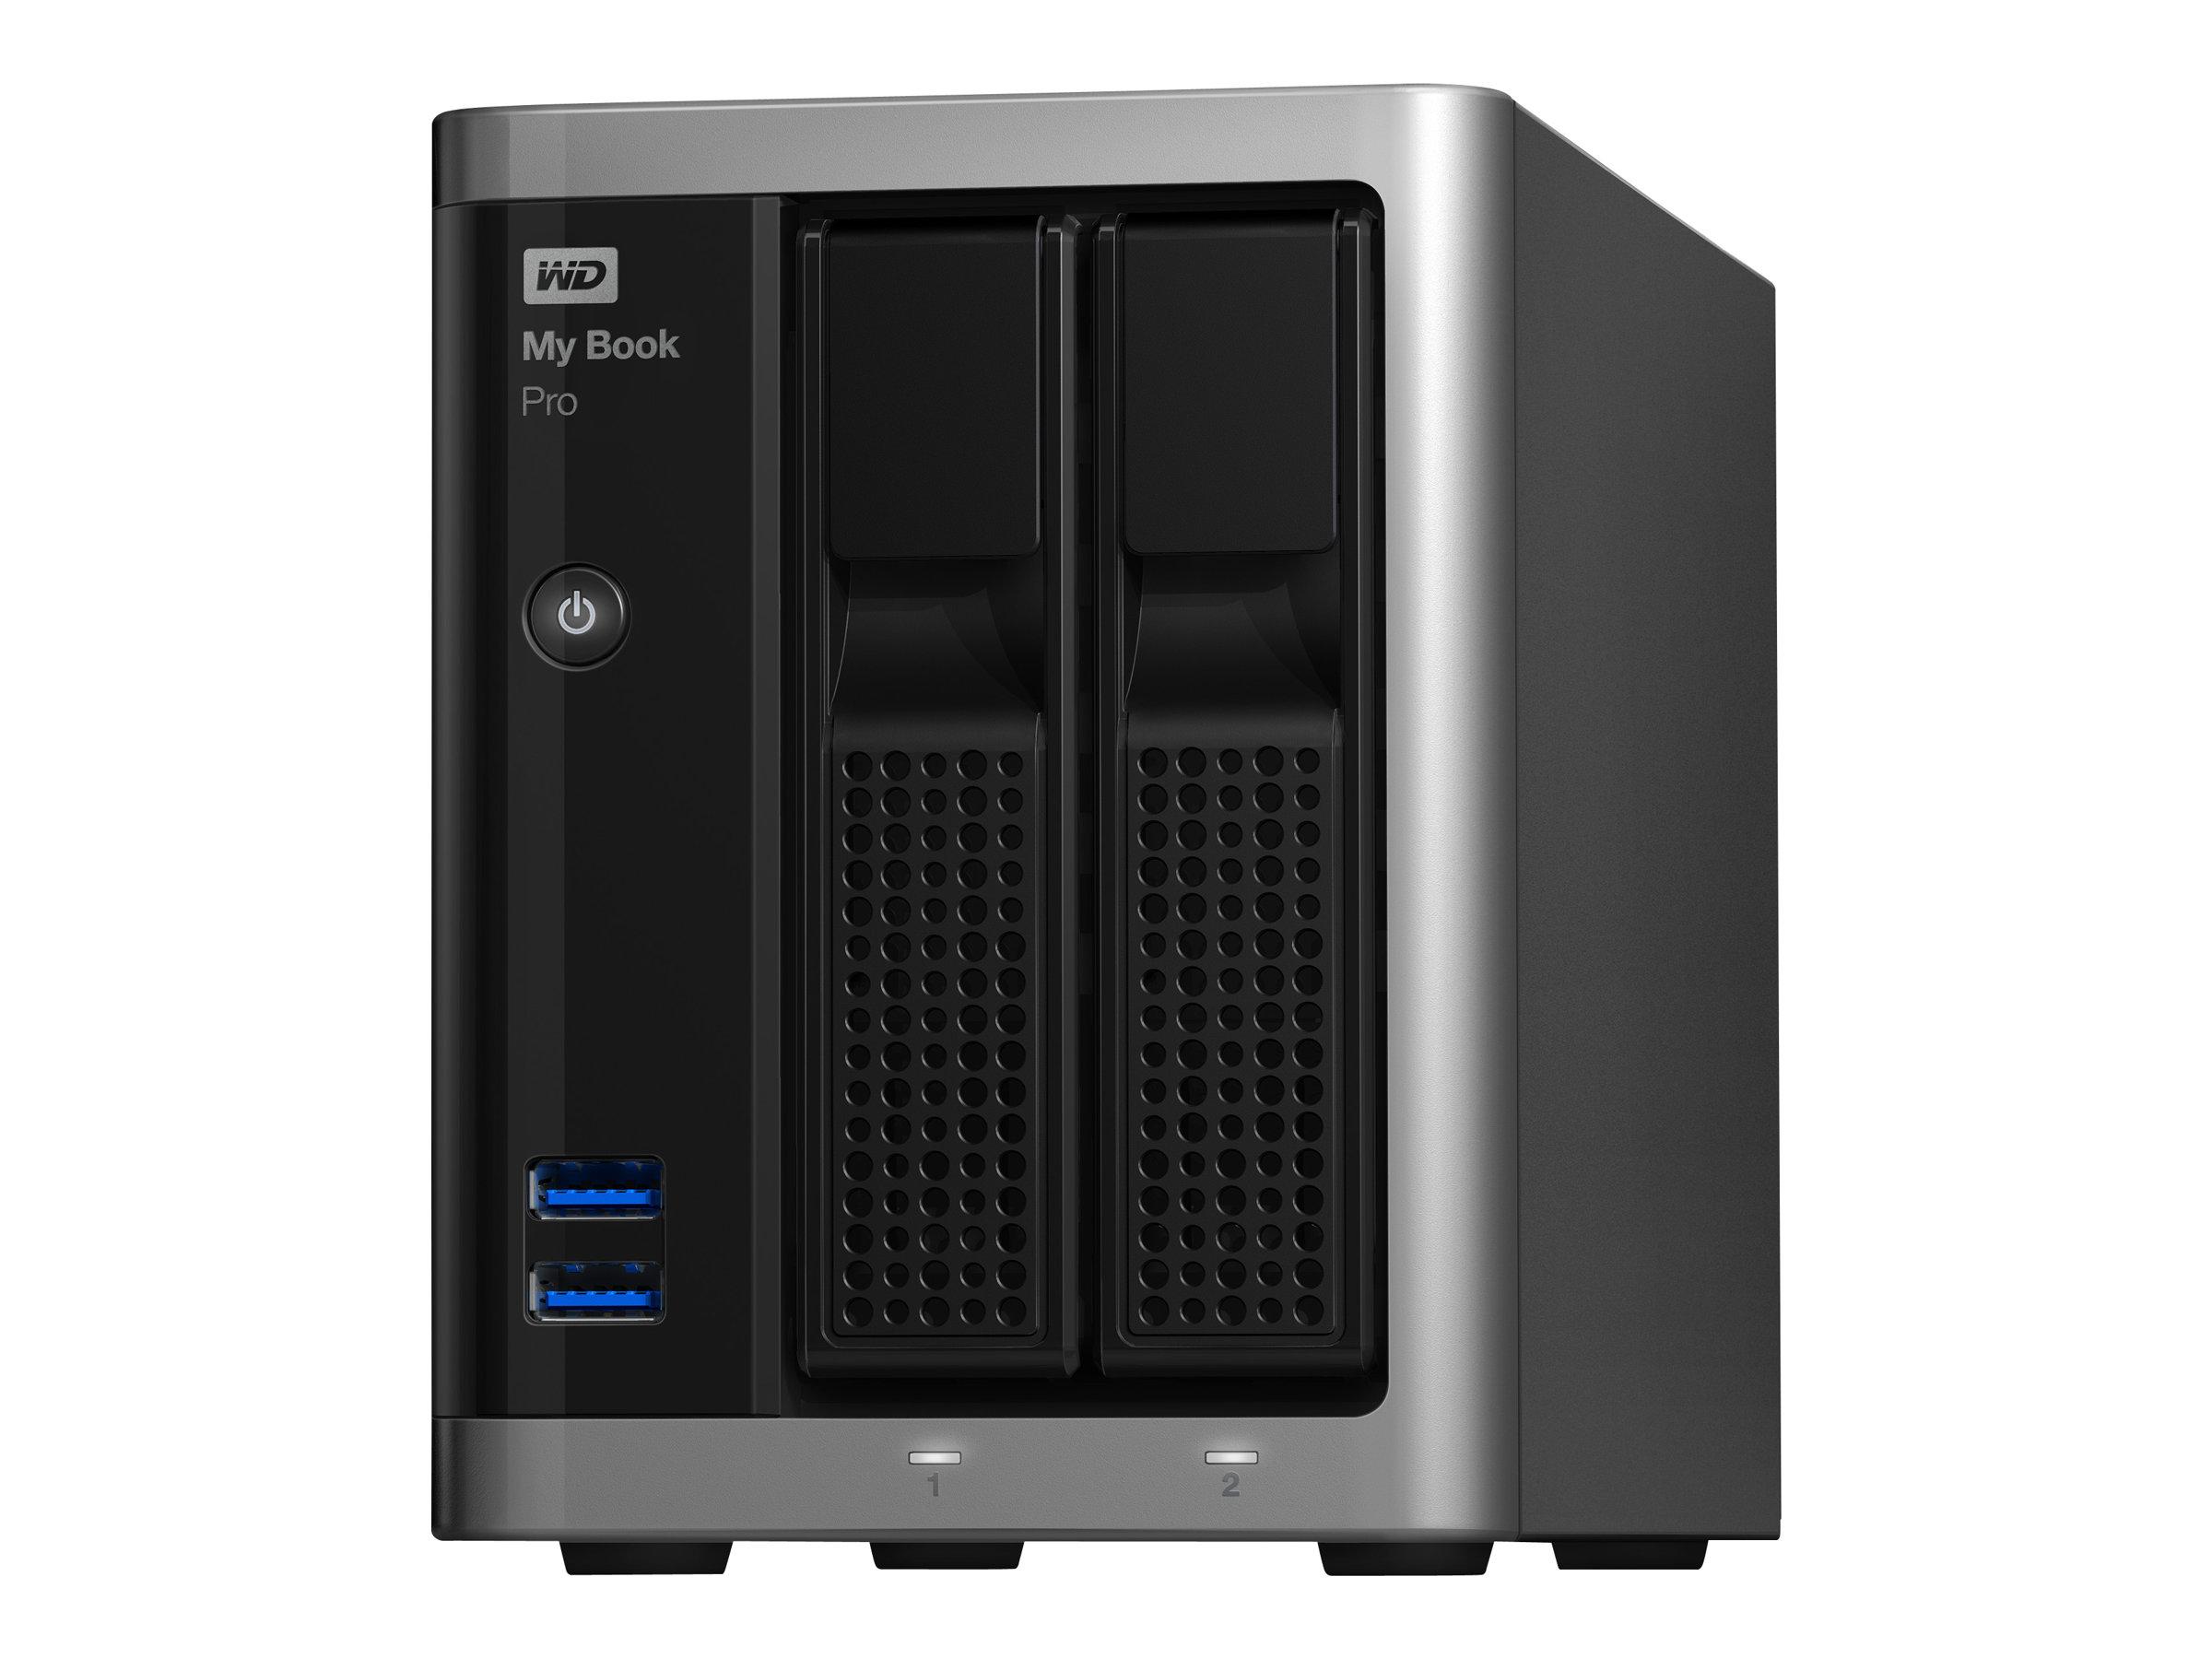 WD My Book Pro WDBDTB0080JSL - Festplatten-Array - 8 TB - 2 Schächte - HDD 4 TB x 2 - USB 3.0, Thunderbolt 2 (extern)